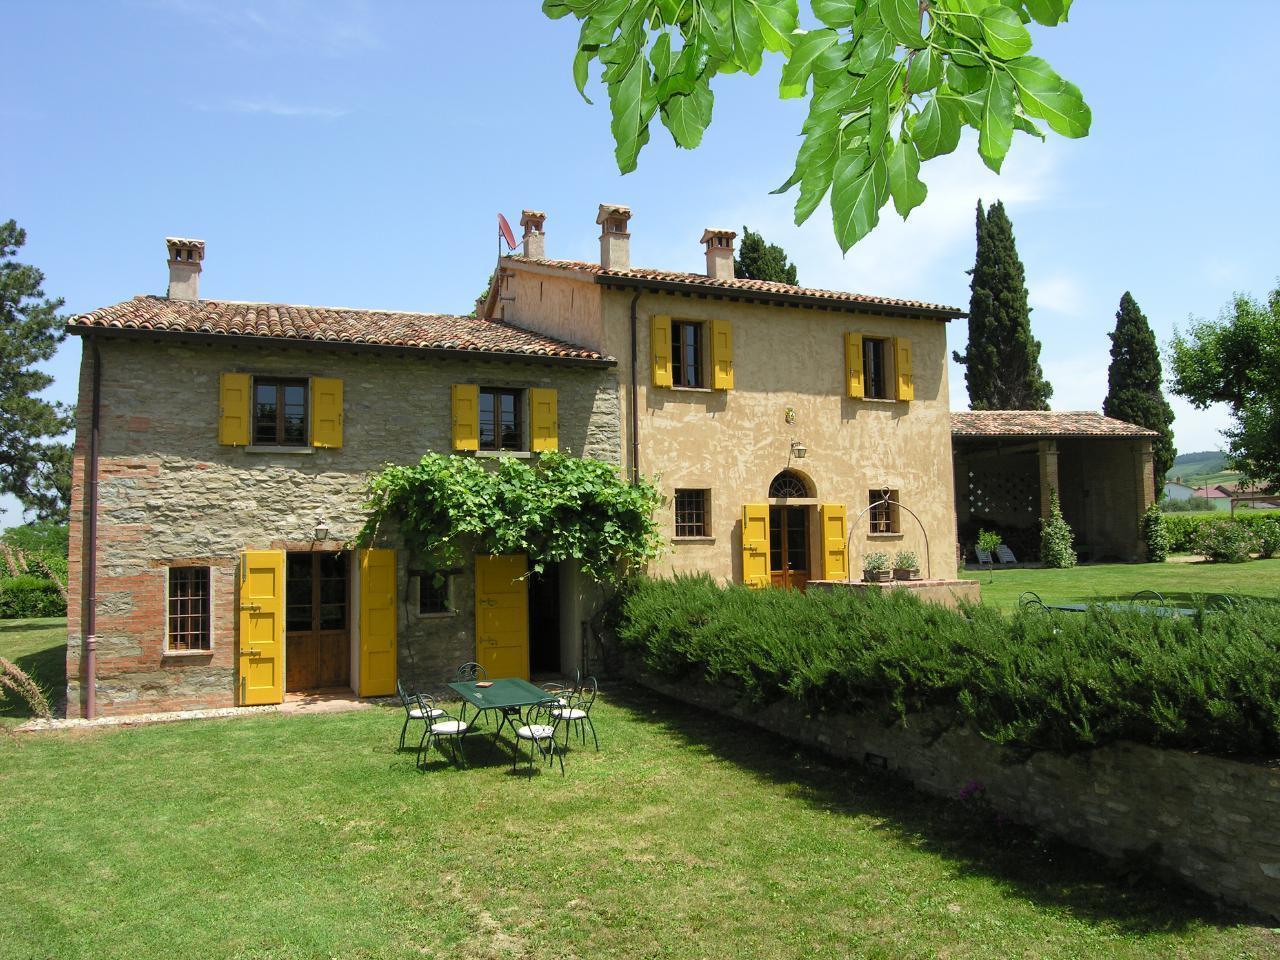 Maison de vacances Podere Ovello, Casa Marruca (1635175), Brisighella, Ravenne, Émilie-Romagne, Italie, image 1